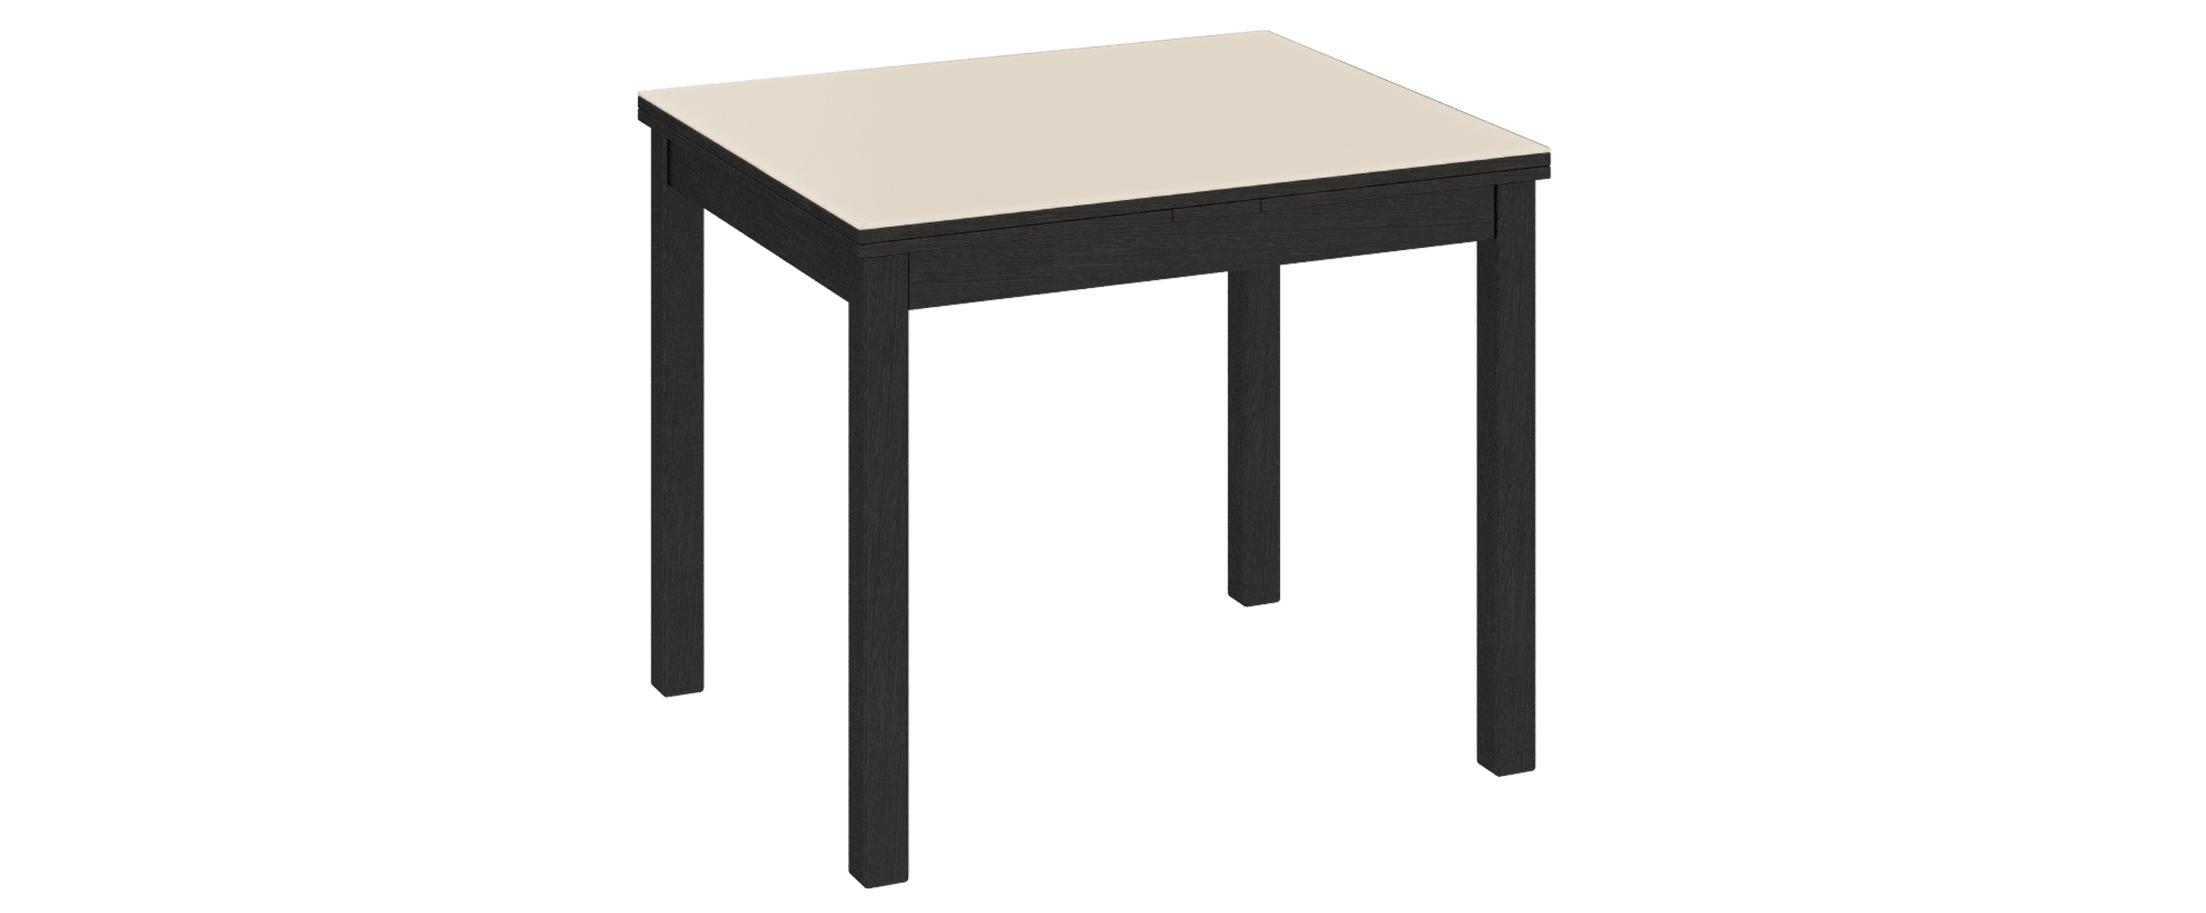 Стол обеденный Диез Т5 Модель 3038Благодаря своим компактным габаритам и контрастному исполнению, стол подойдет для небольших помещений. Гладкая поверхность стола приятна на ощупь и не требует особого ухода.<br><br>Ширина см: 90<br>Глубина см: 74<br>Высота см: 74<br>Цвет корпуса: Венге<br>Цвет столешницы: Бежевый<br>Материал столешницы: Стекло<br>Материал корпуса: Массив бука